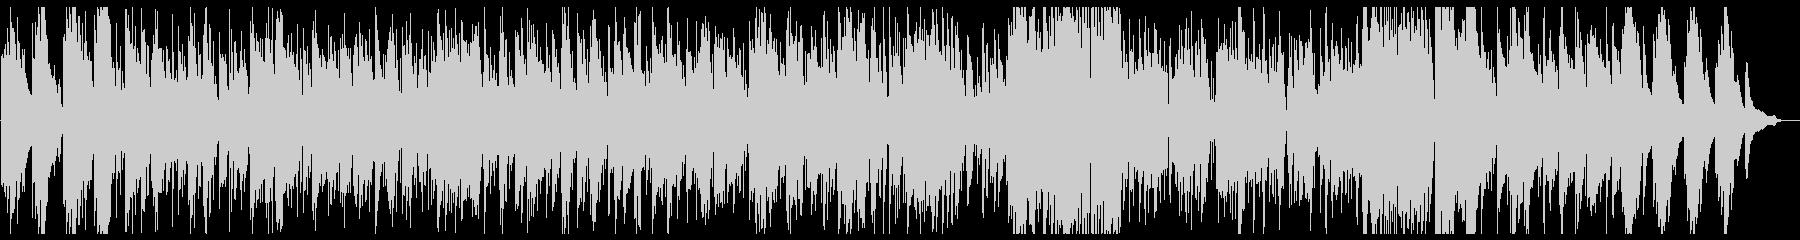 スタイリッシュなピアノトリオの未再生の波形